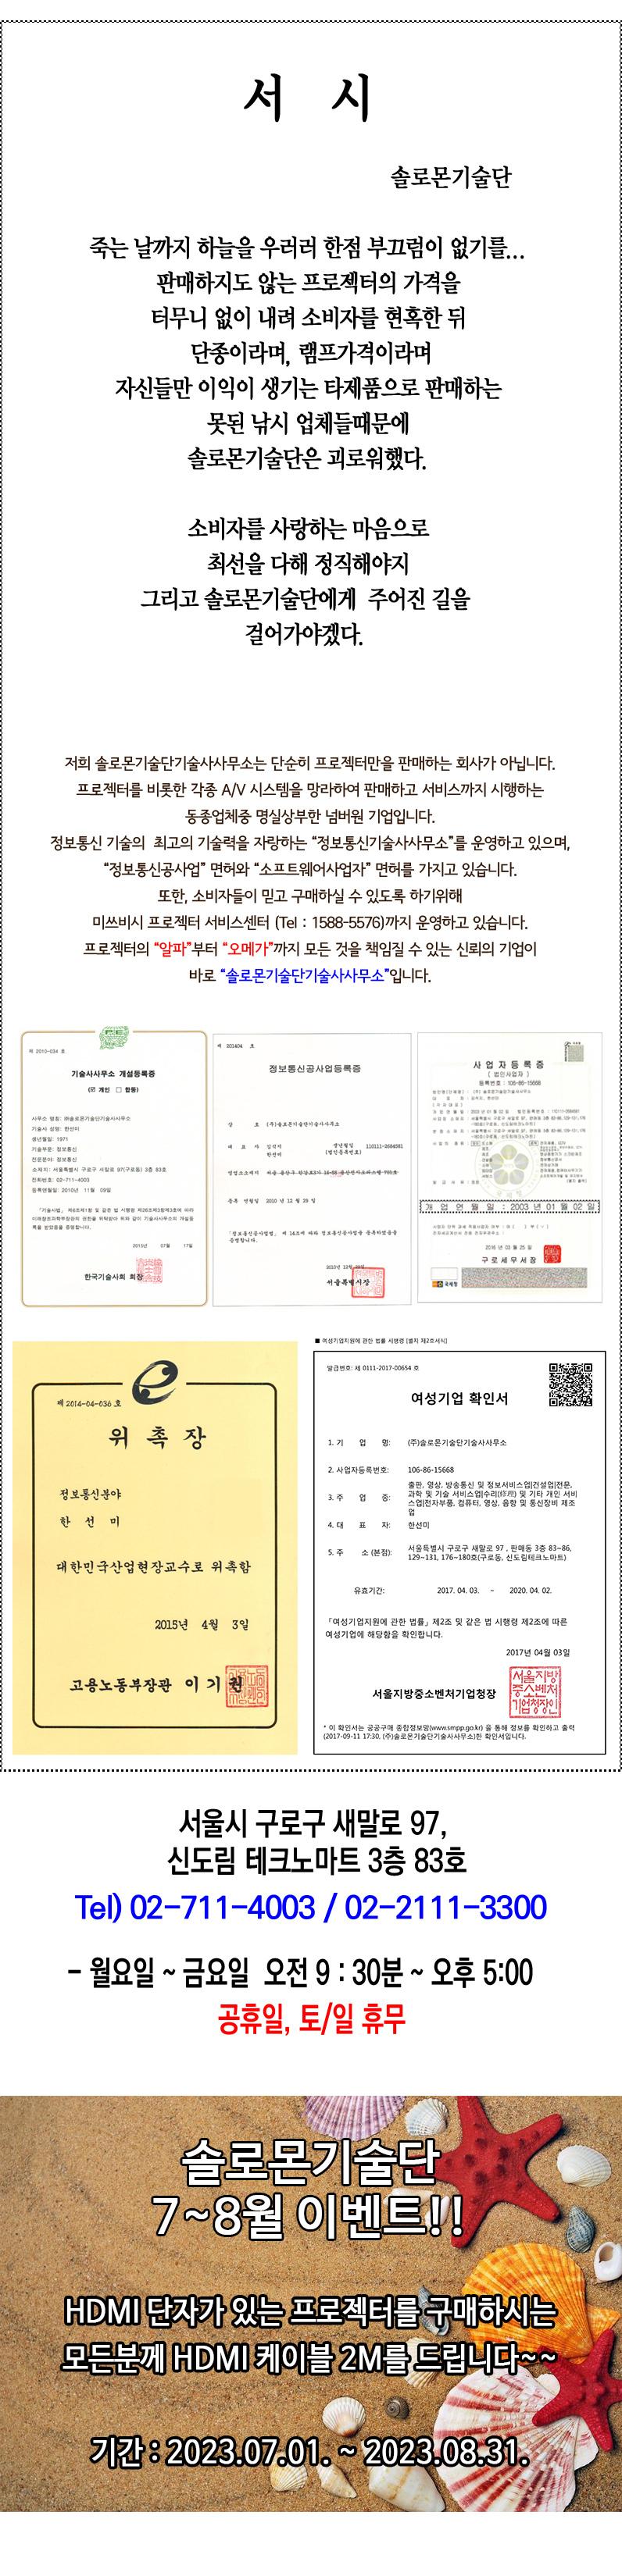 솔로몬기술단 02-711-4003 영상음향장비 판매 시공 서 비스